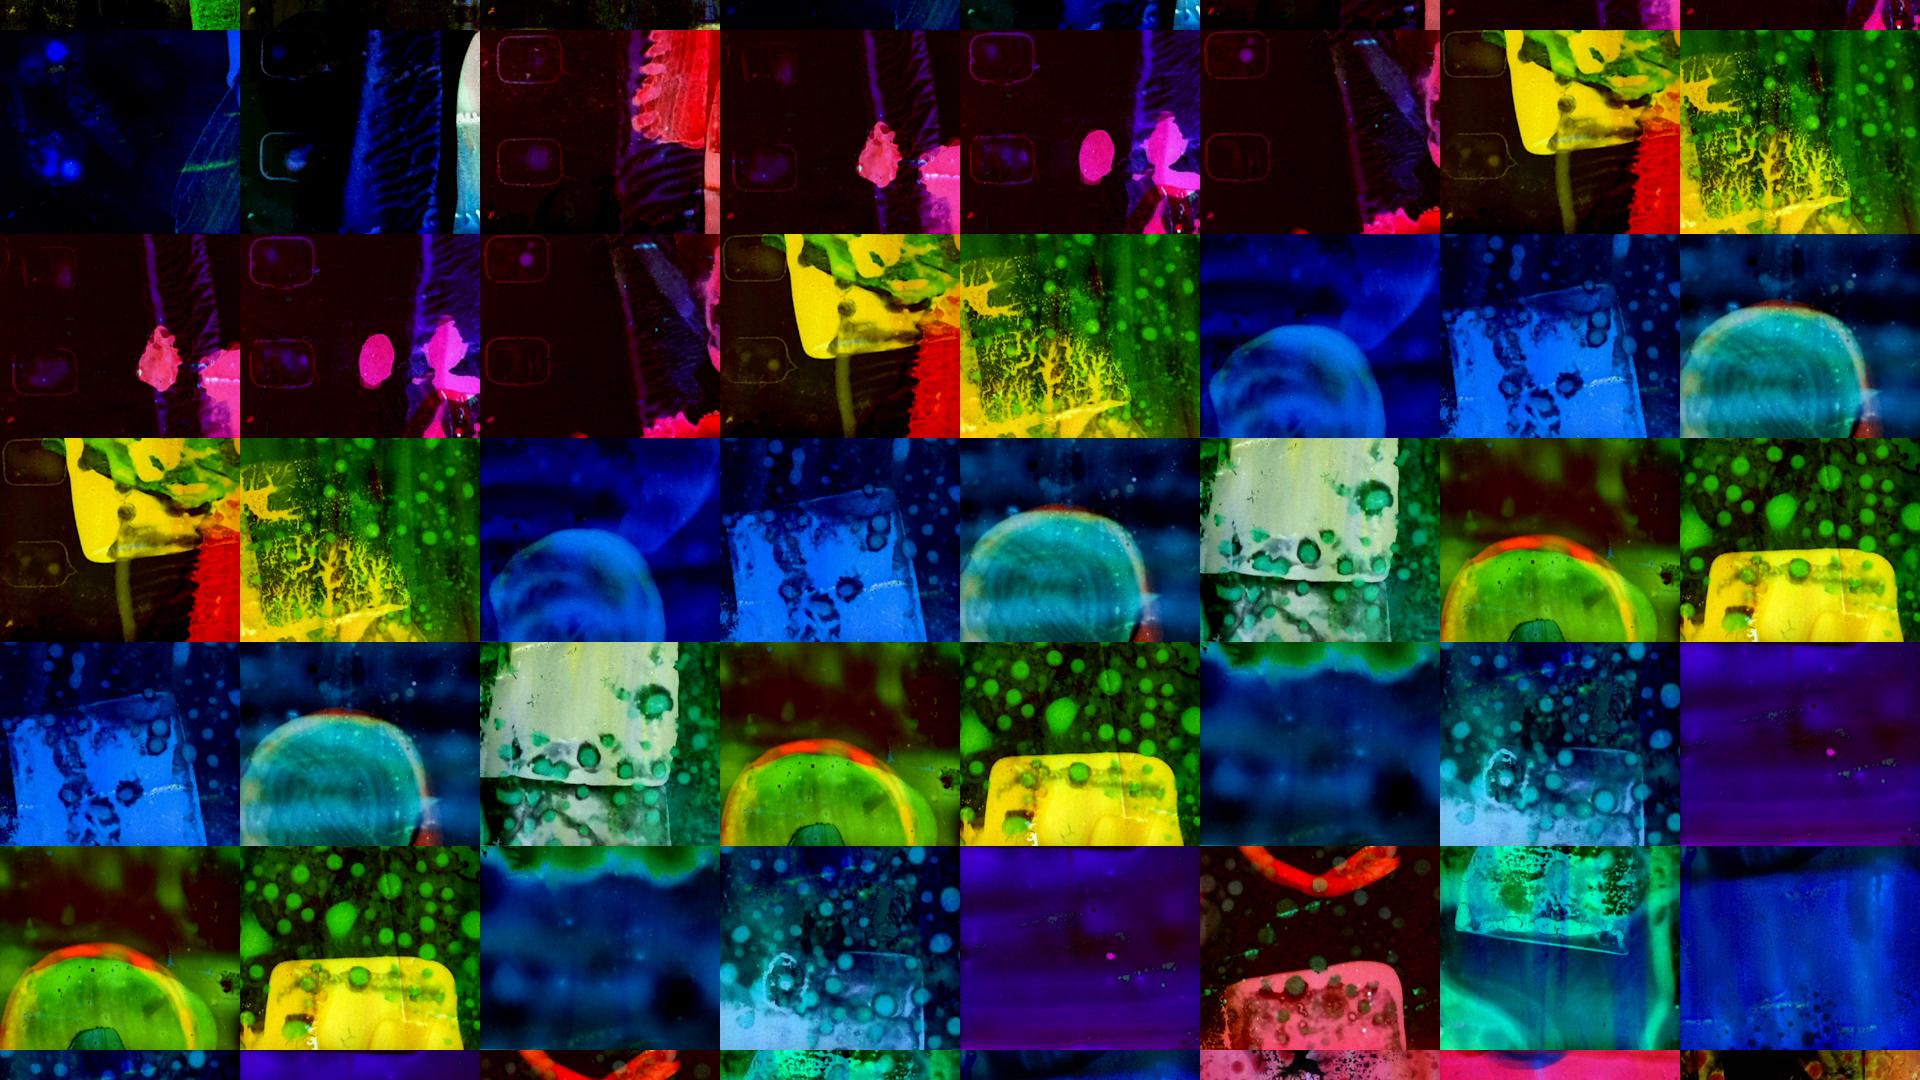 2015_AbstractIterationsII_STILL_03.jpg